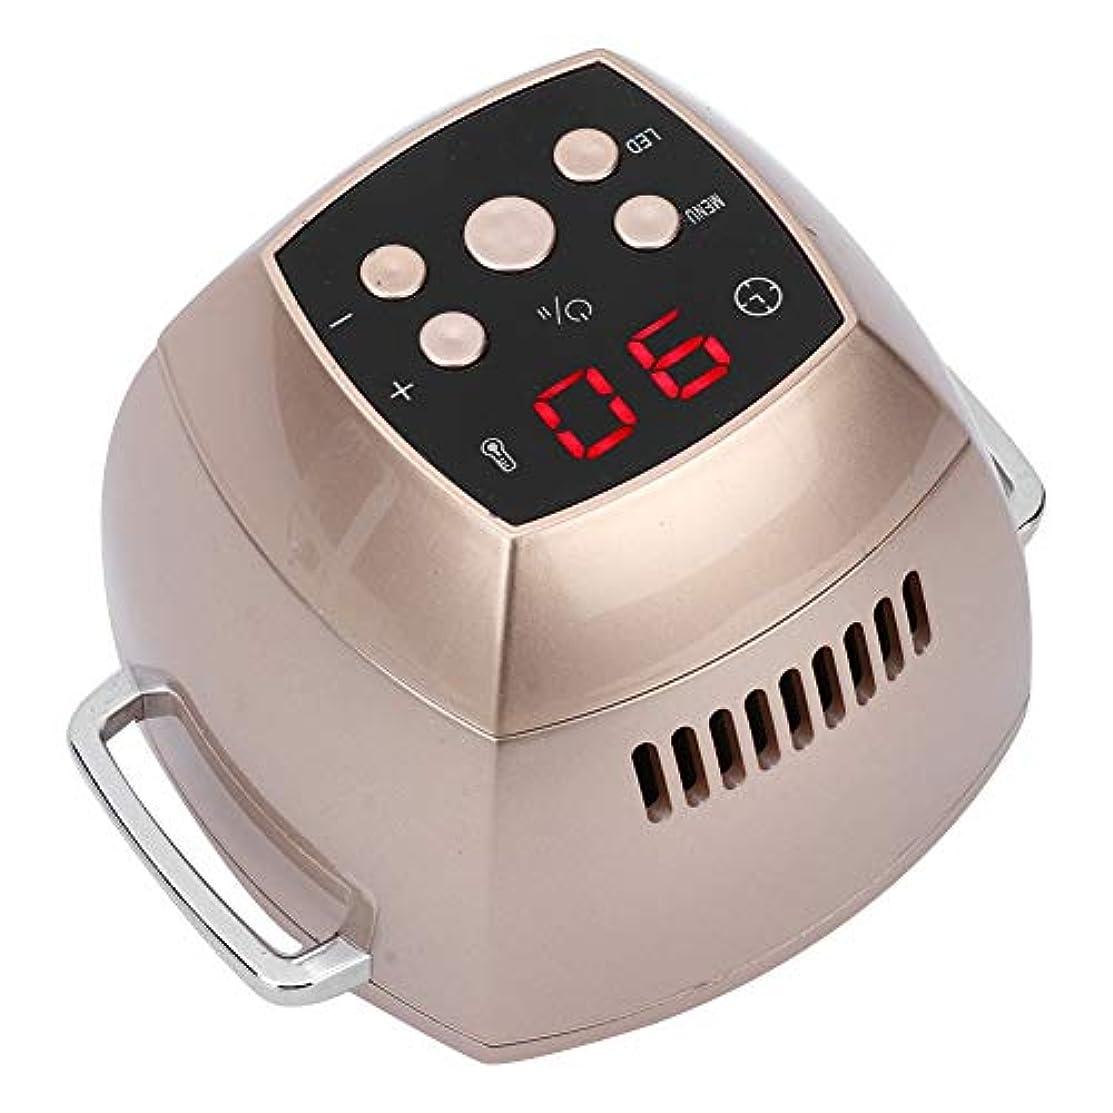 疼痛緩和治療、健康、無煙、安全かつインテリジェントな遠隔制御のためのインテリジェント電子灸装置(US Plug)